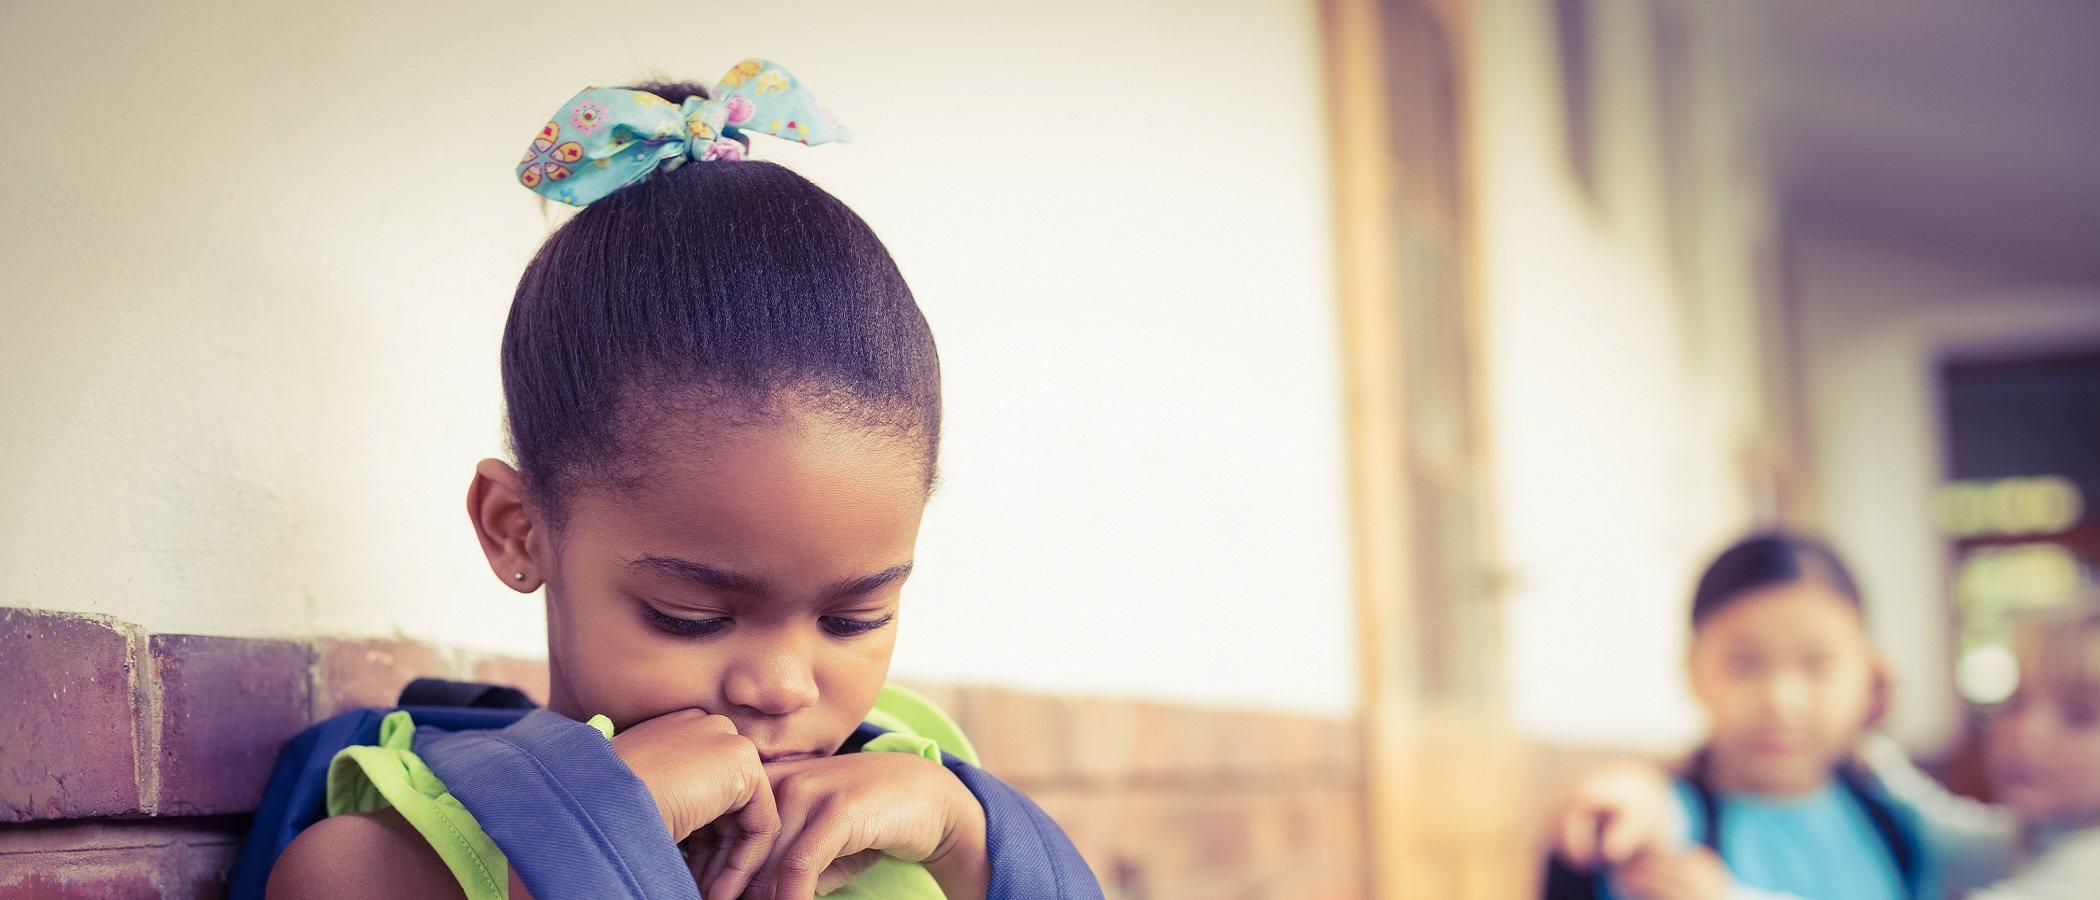 ¿Tu hijo sufre bullying? Enséñale resiliencia